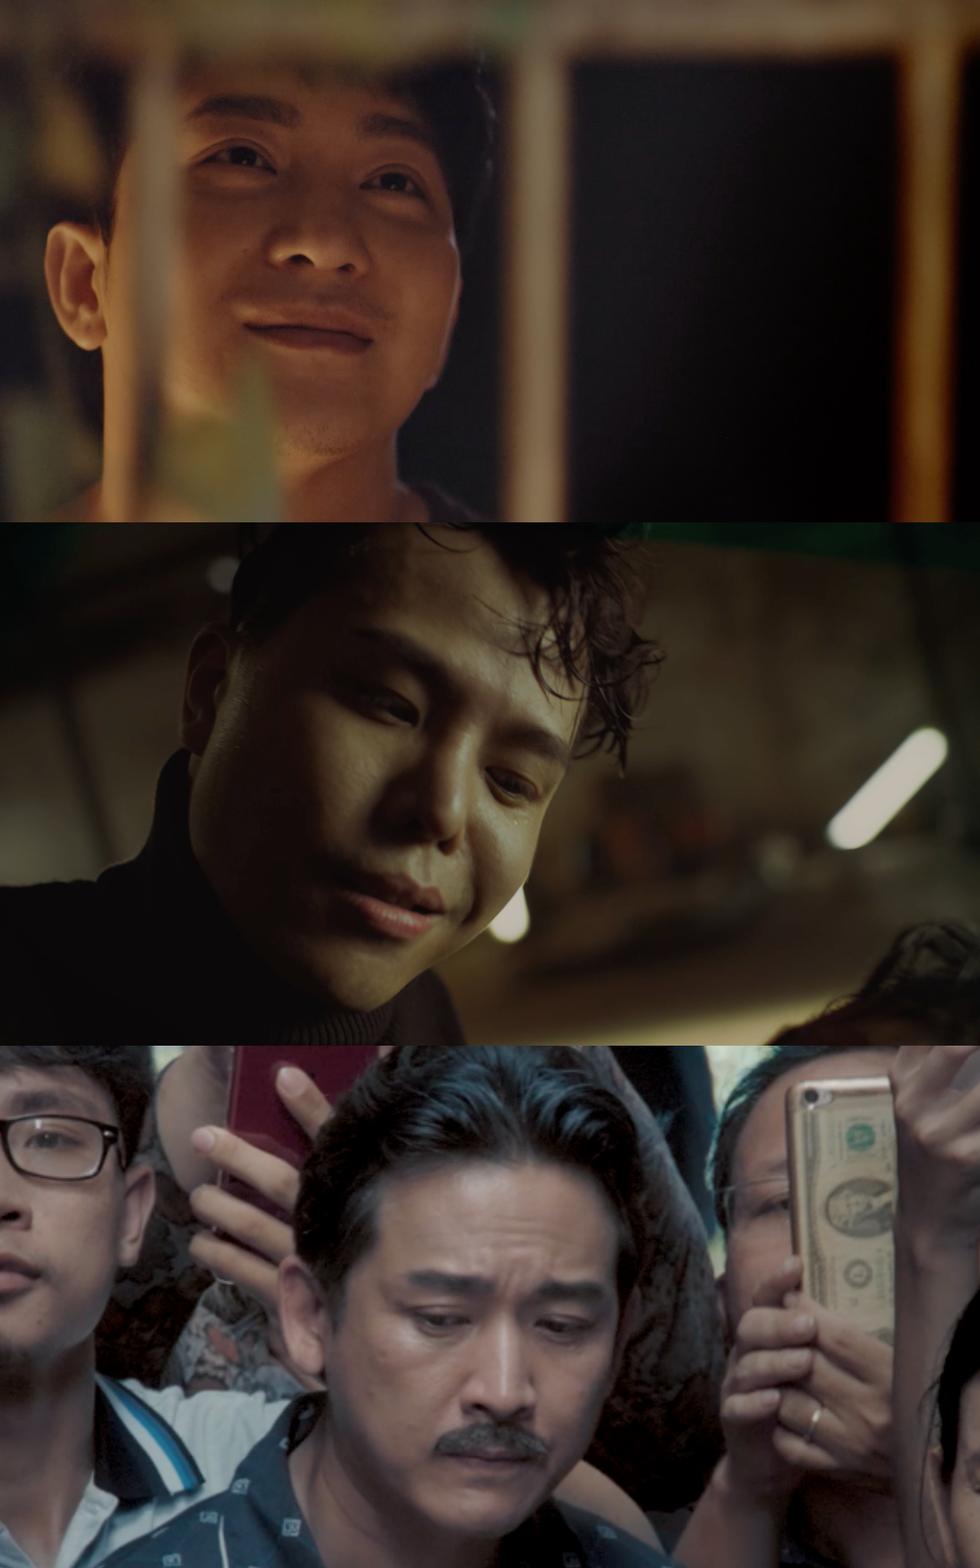 Trái tim quái vật - phim dựa theo các vụ giết người có thật ở Việt Nam - Ảnh 3.